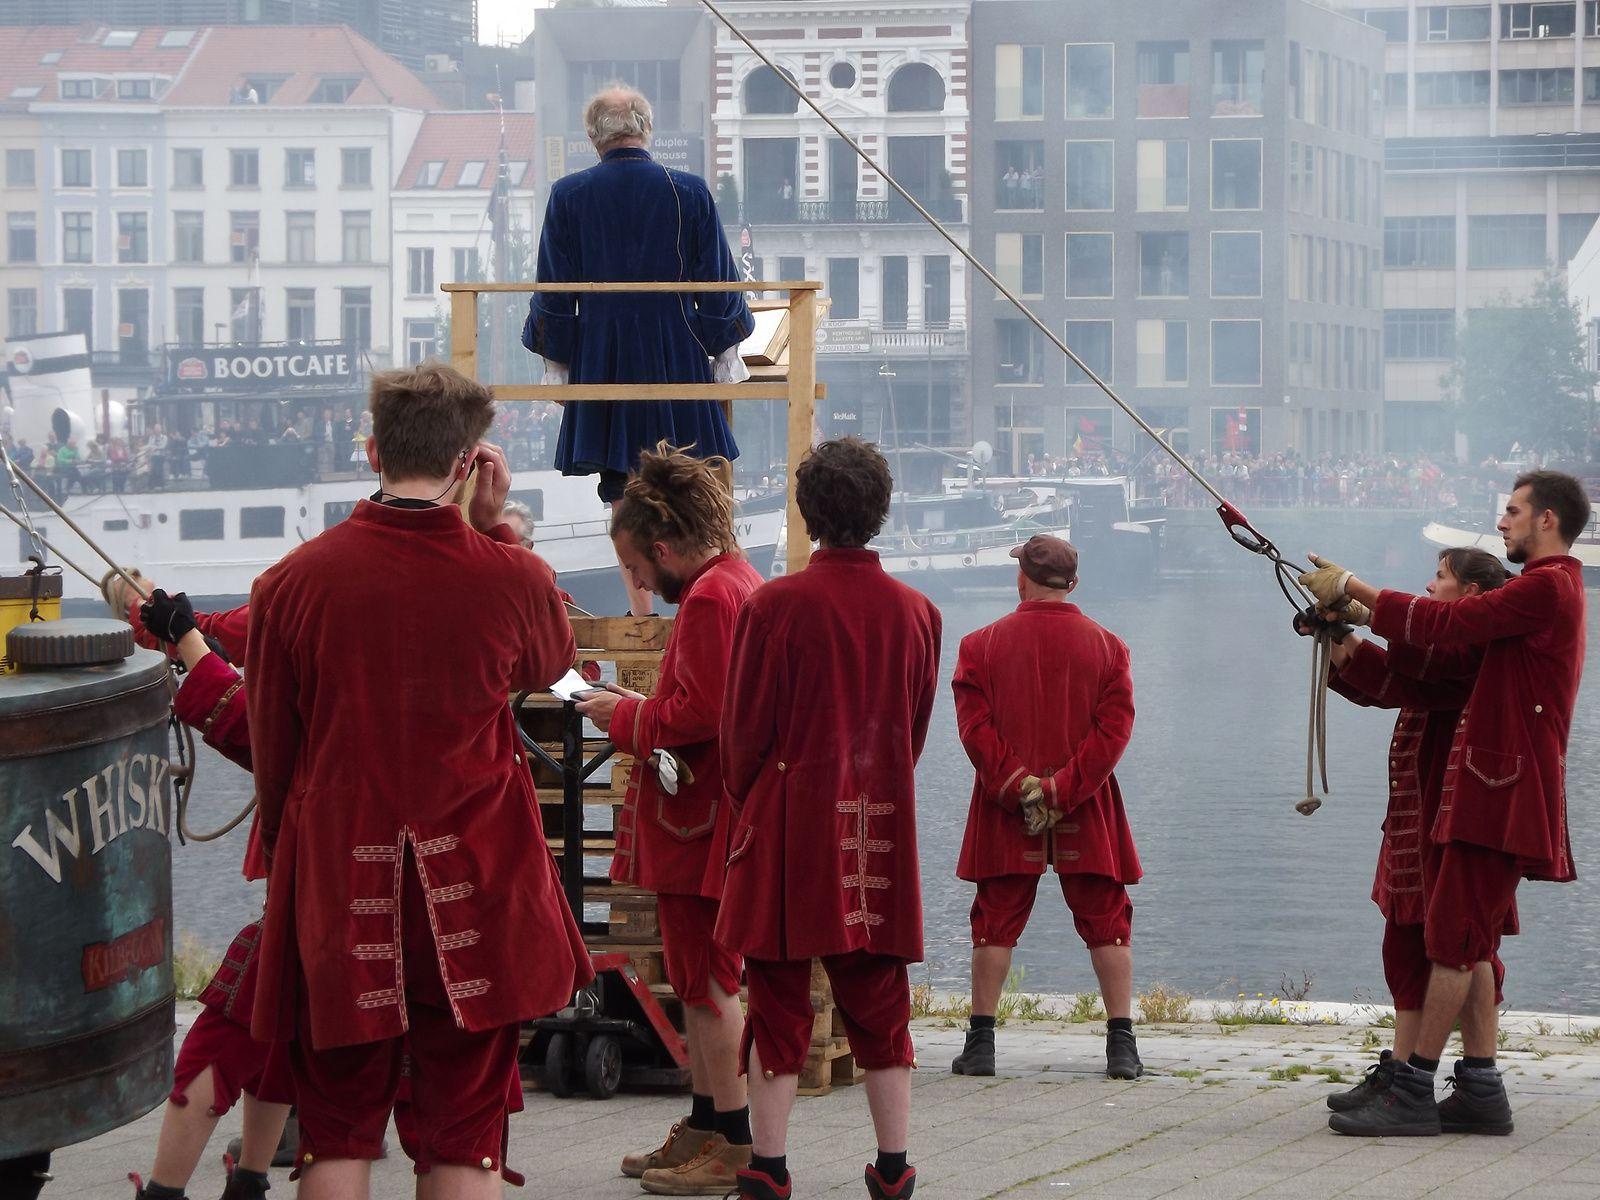 Antwerpen Royal de luxe a Anvers19, 20, 21 juin 2015